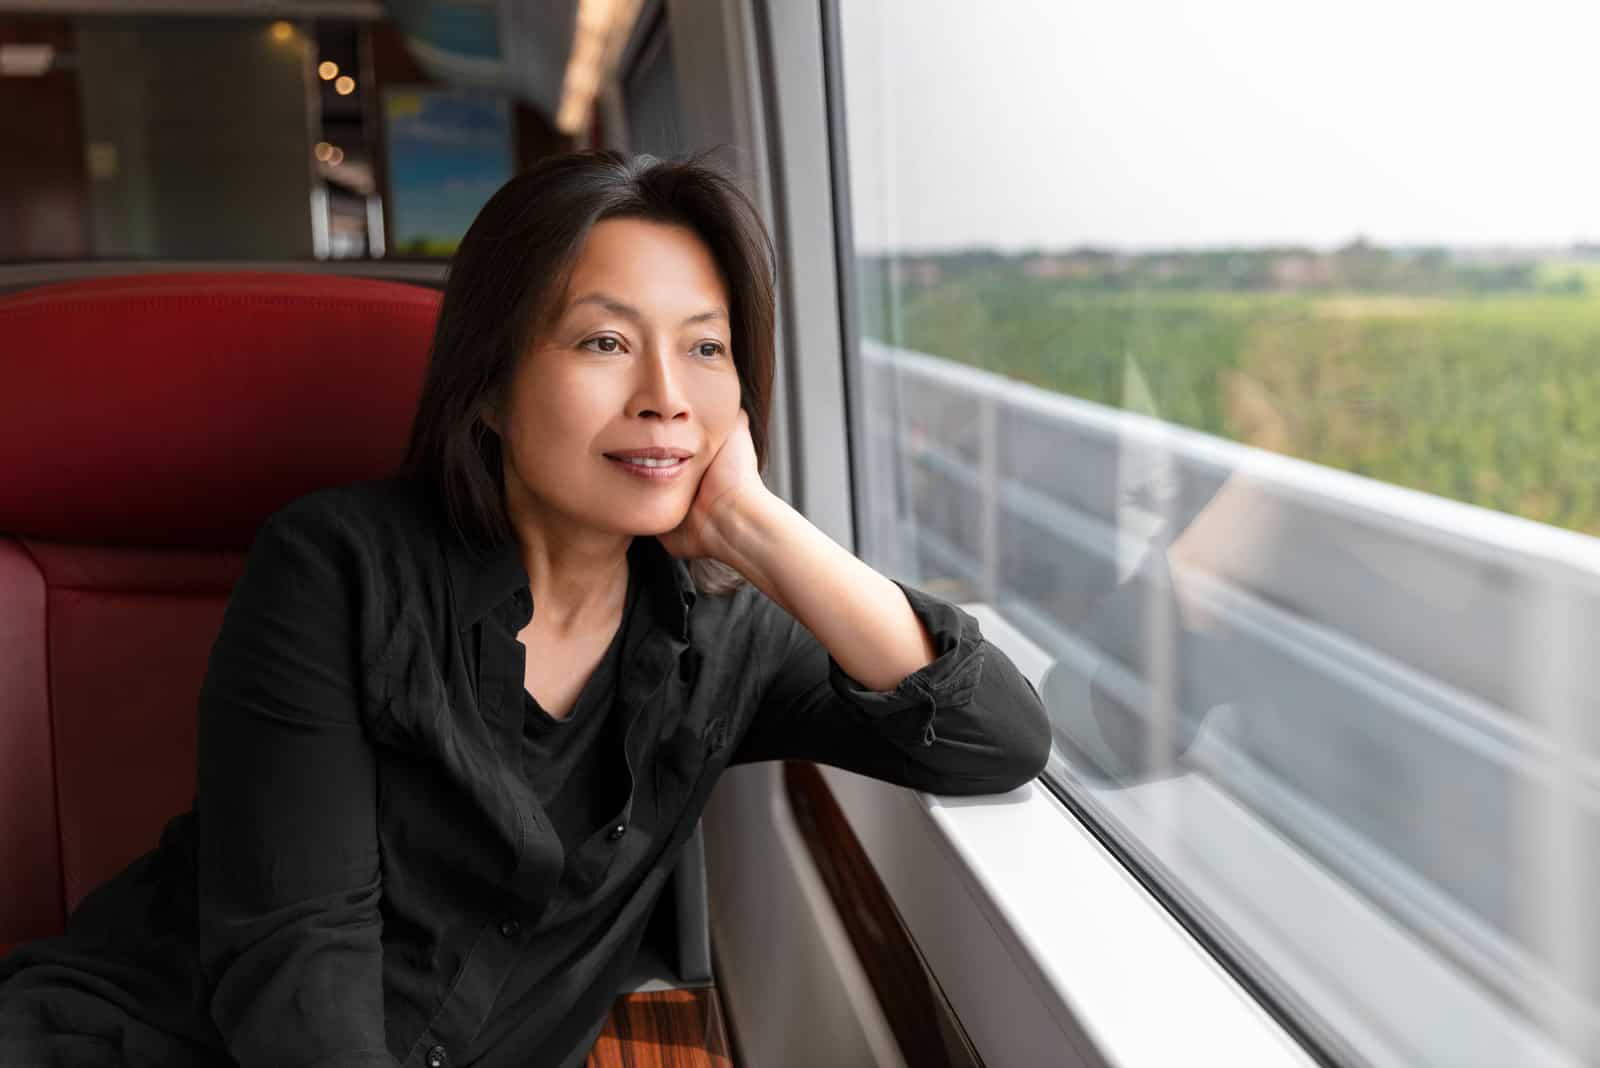 Asiatische Frau mittleren Alters, die aus dem Fenster schaut